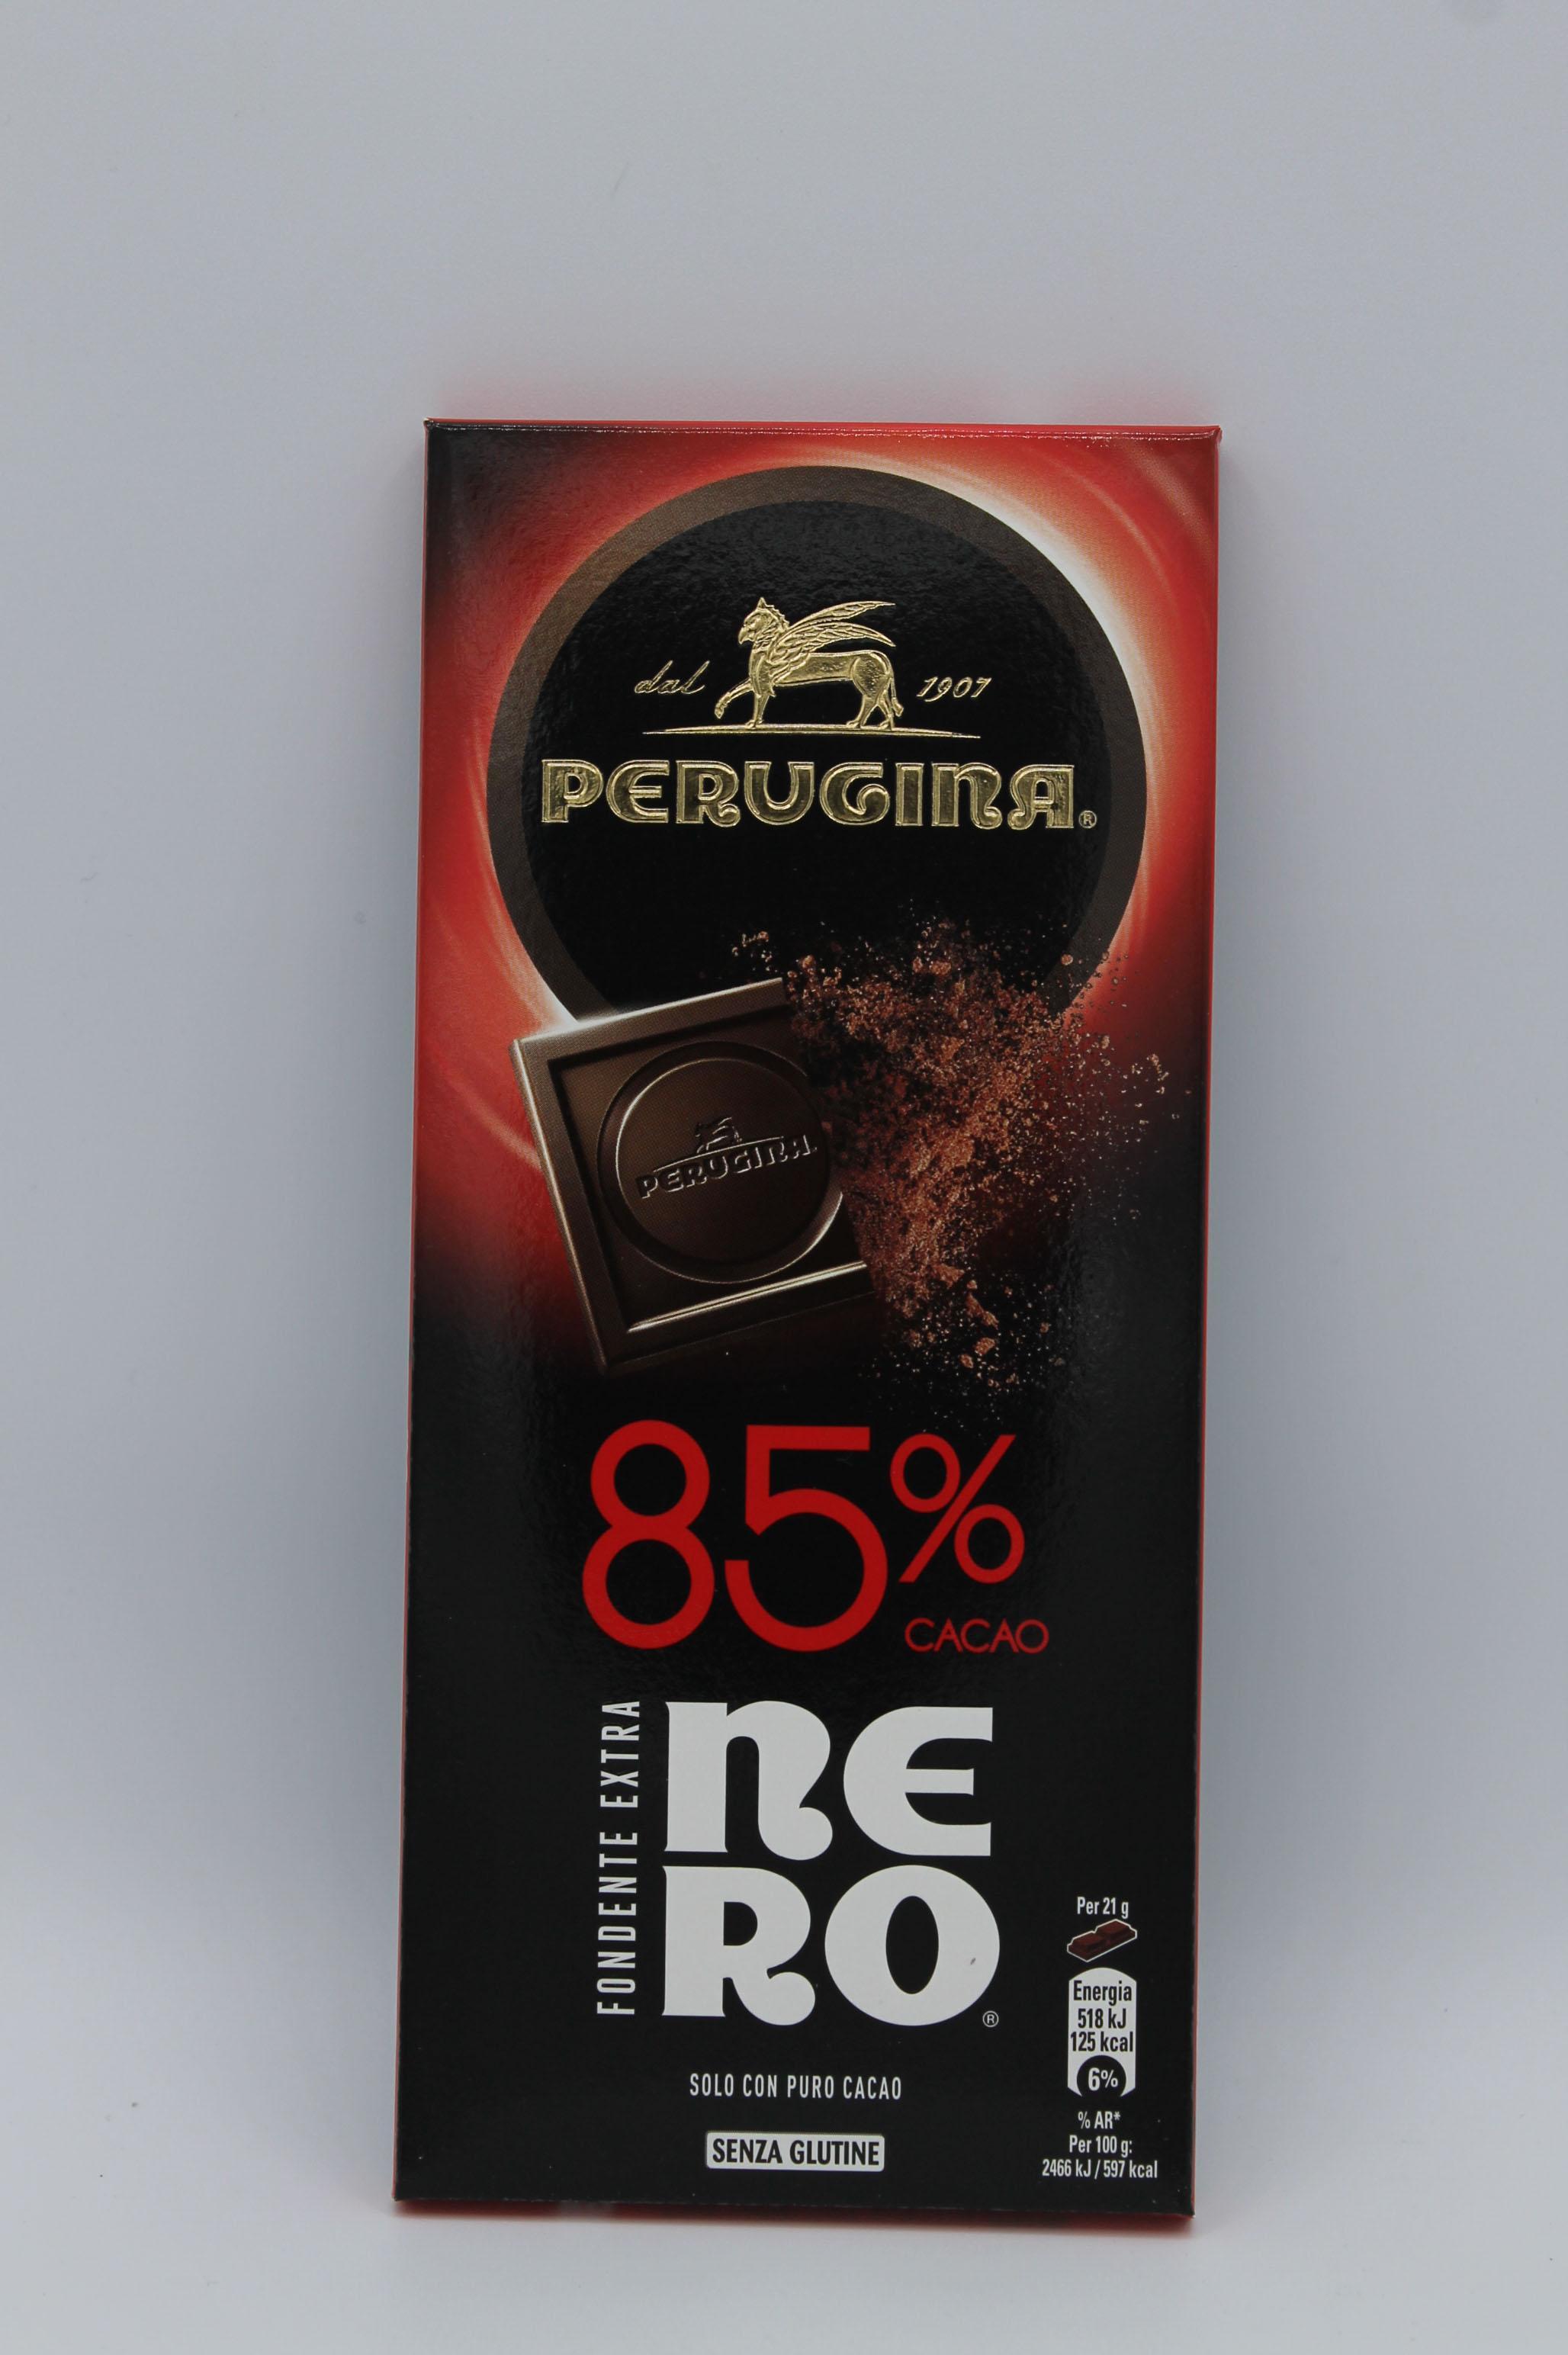 Perugina tavoletta fondente 85% 85gr.